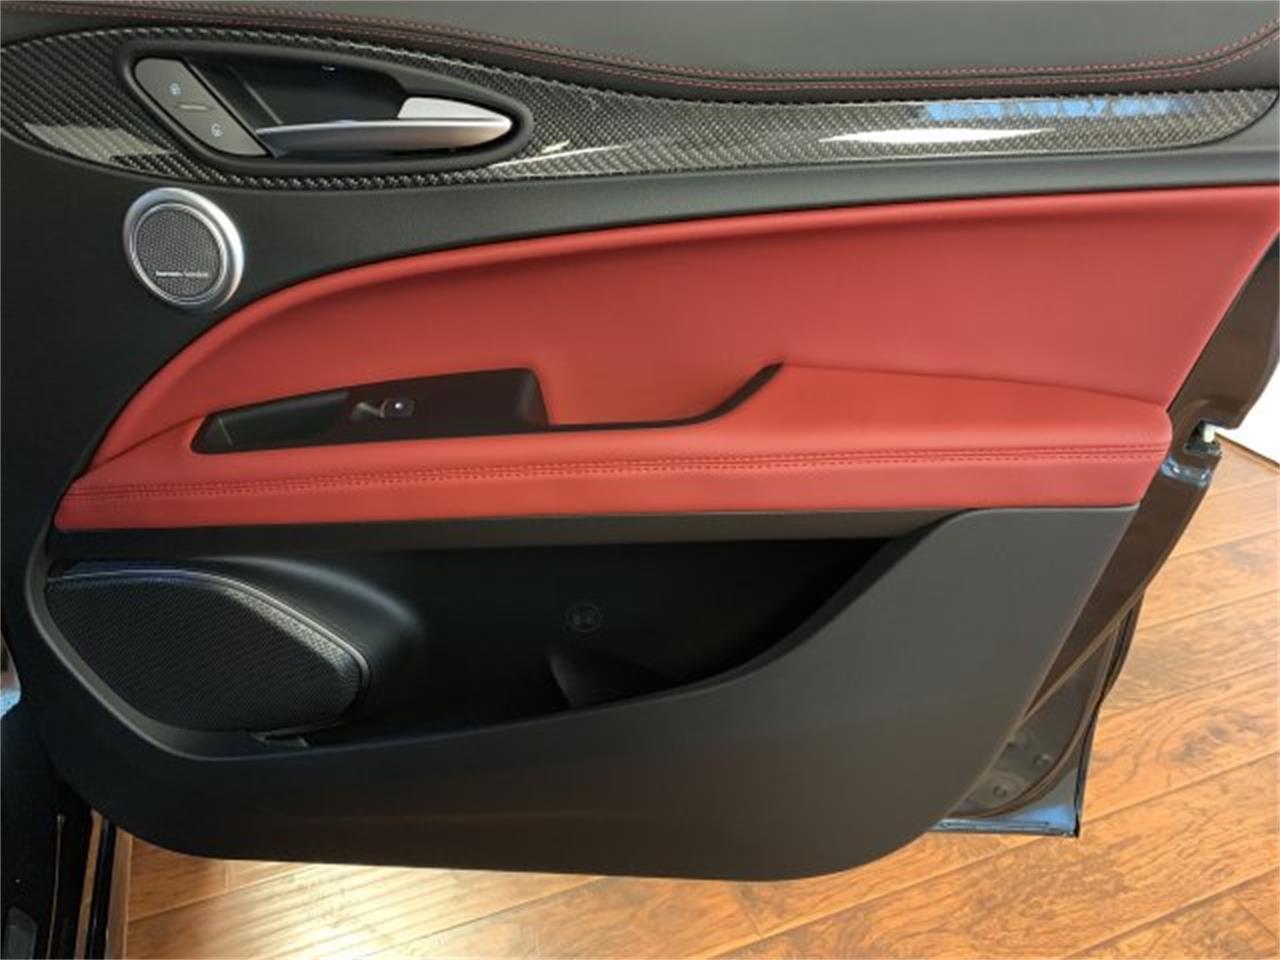 Large Picture of '18 Alfa Romeo Stelvio Quadrifoglio - $73,900.00 - PXPS